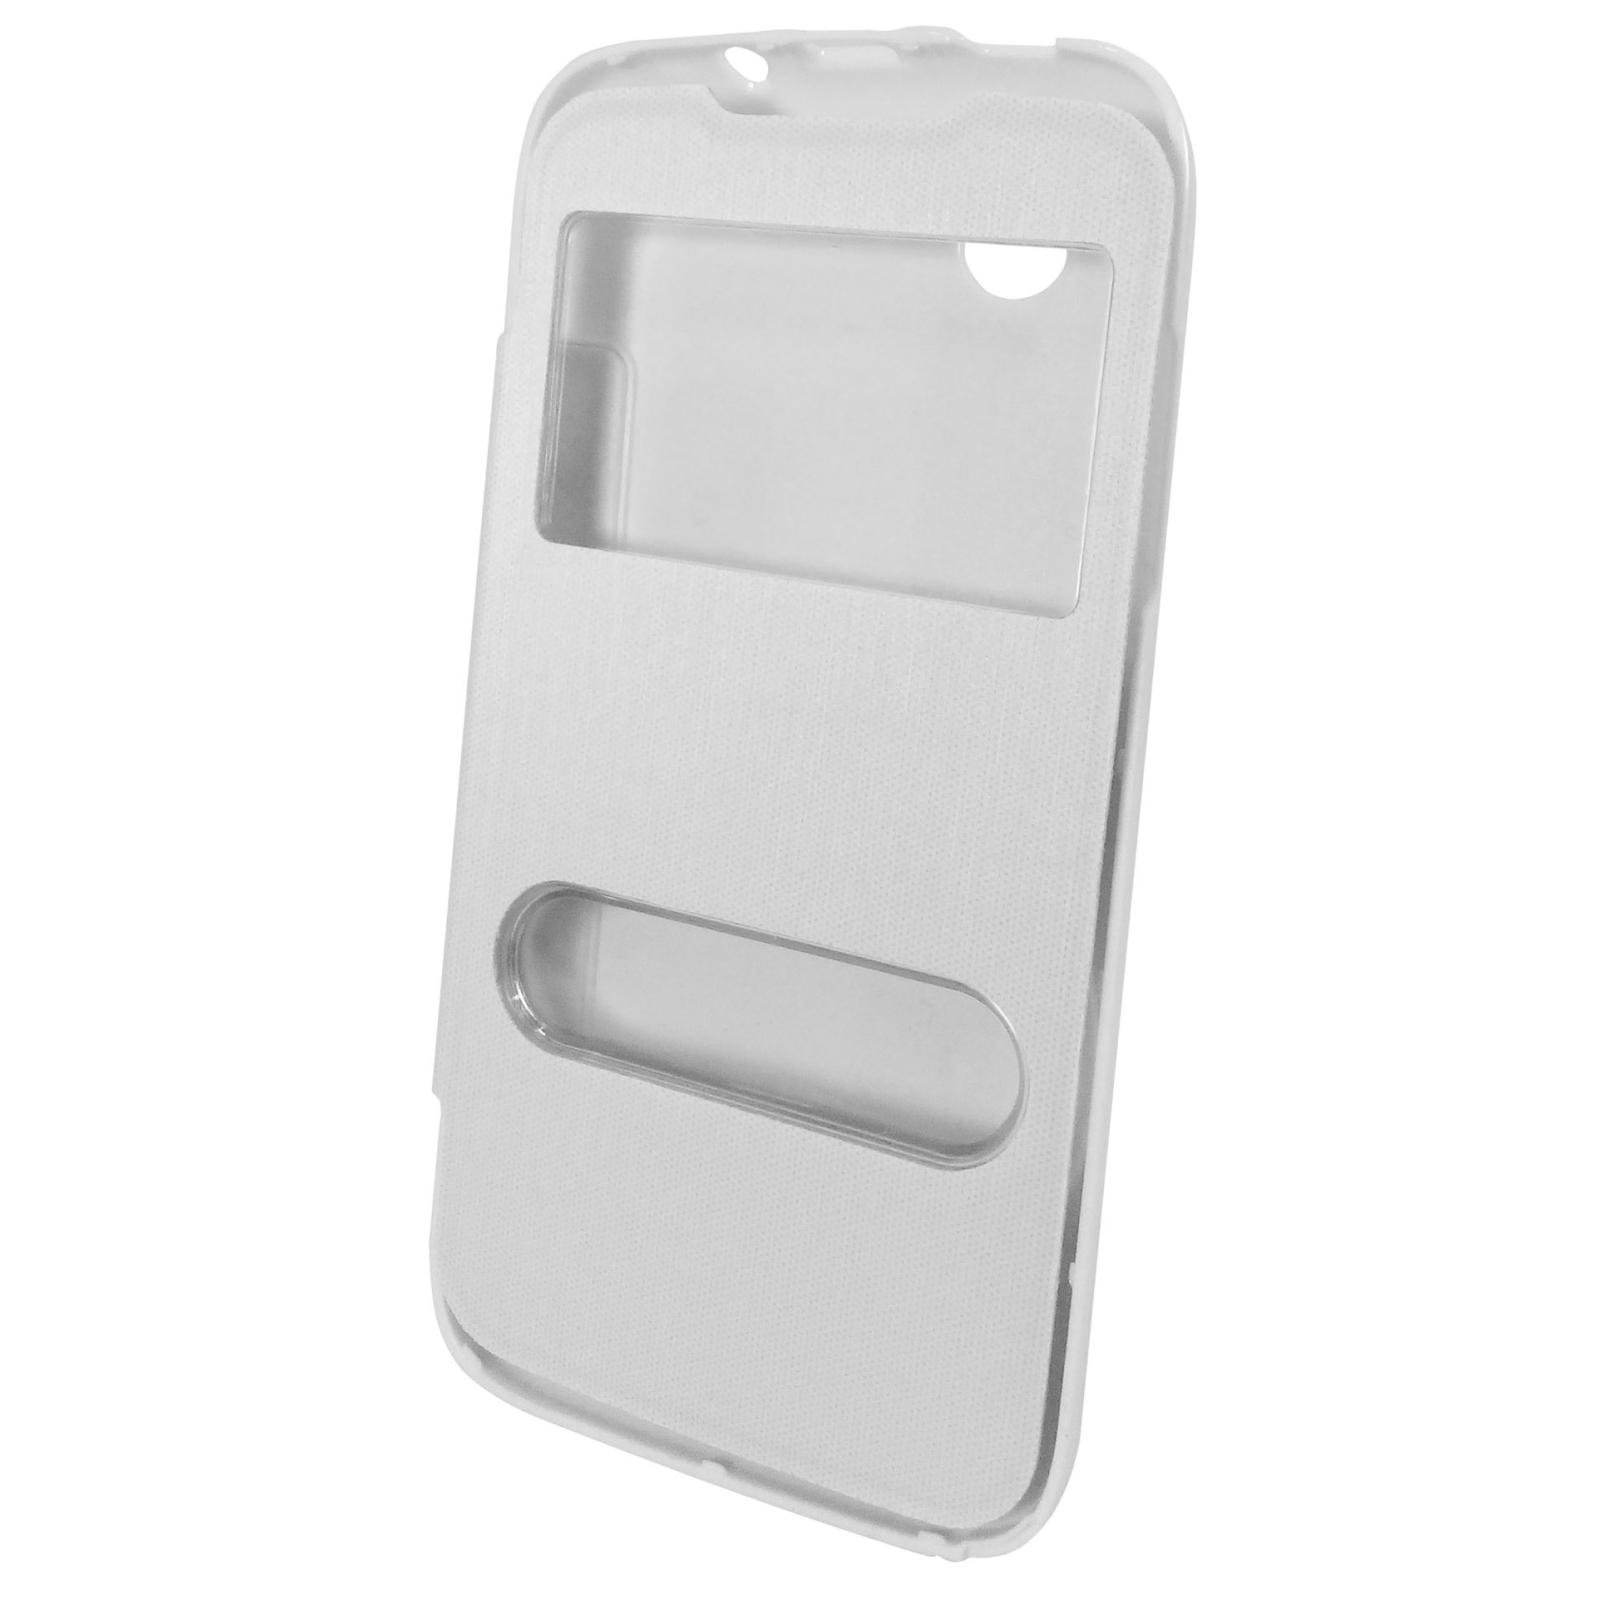 Чехол для моб. телефона GLOBAL для Lenovo A369 (белый) (1283126459160) изображение 2